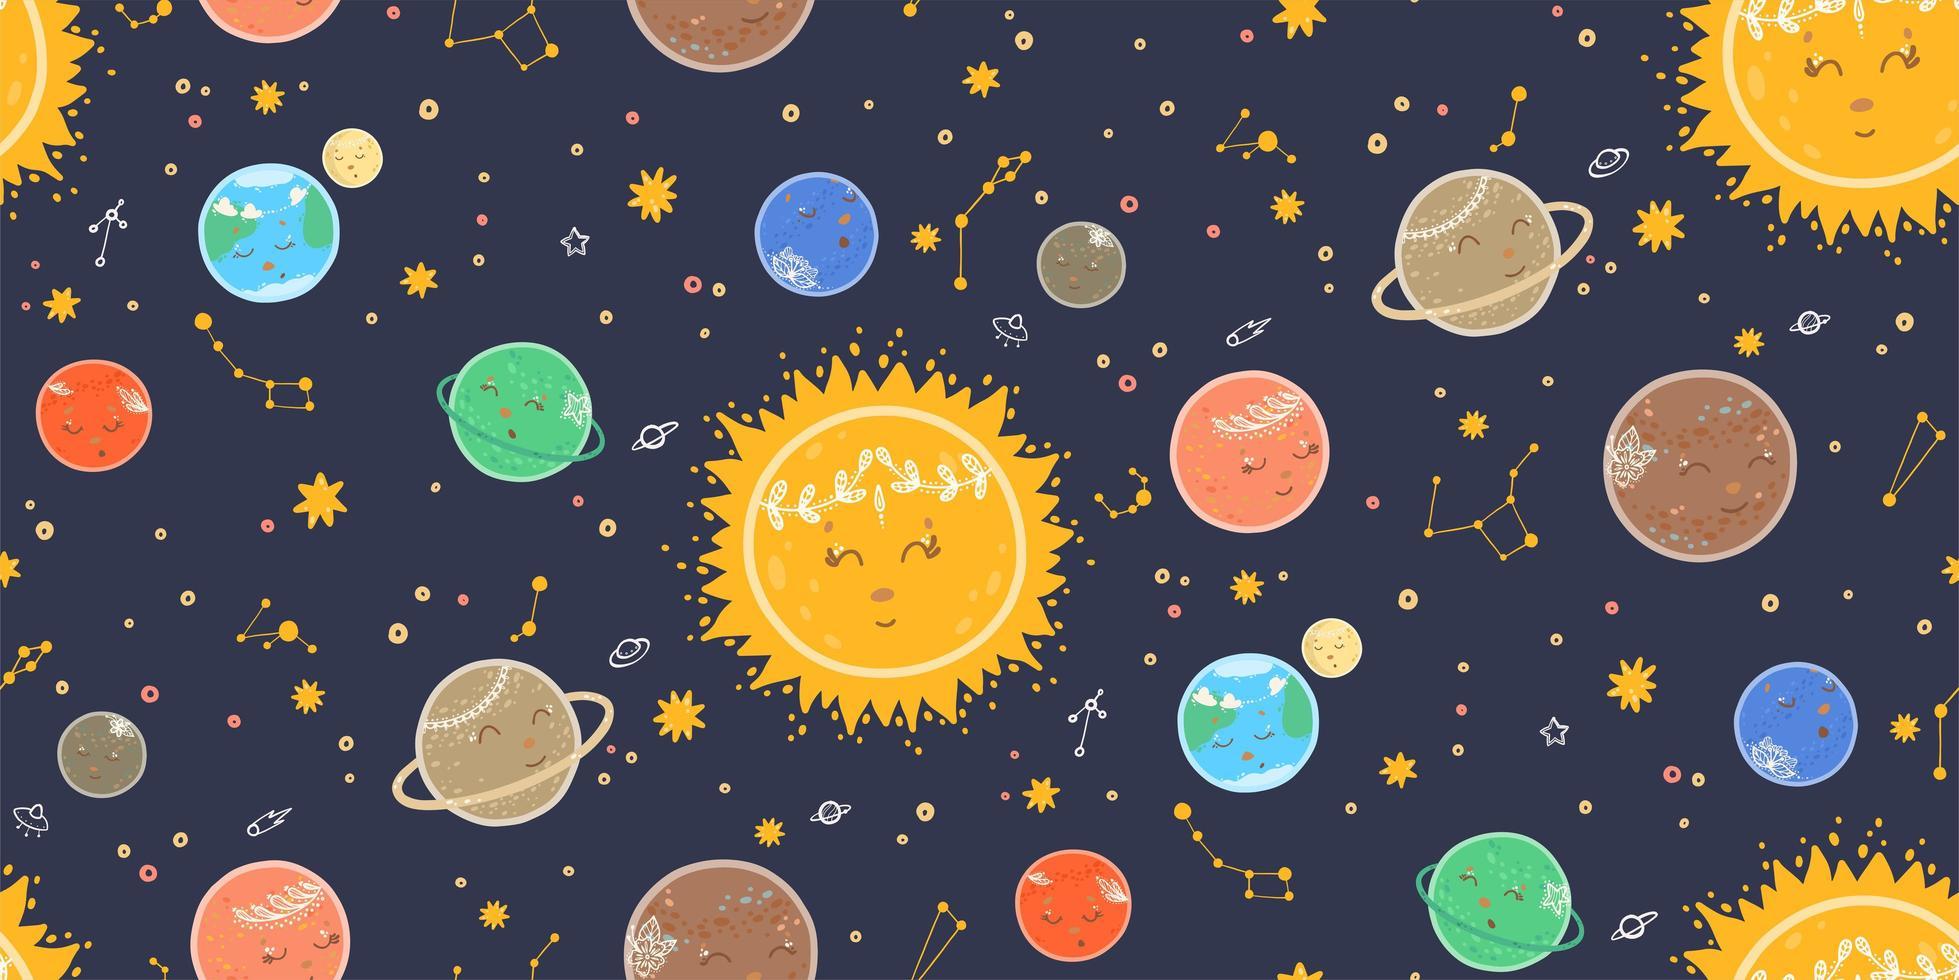 nahtloses Raummuster mit schlafenden Planeten vektor